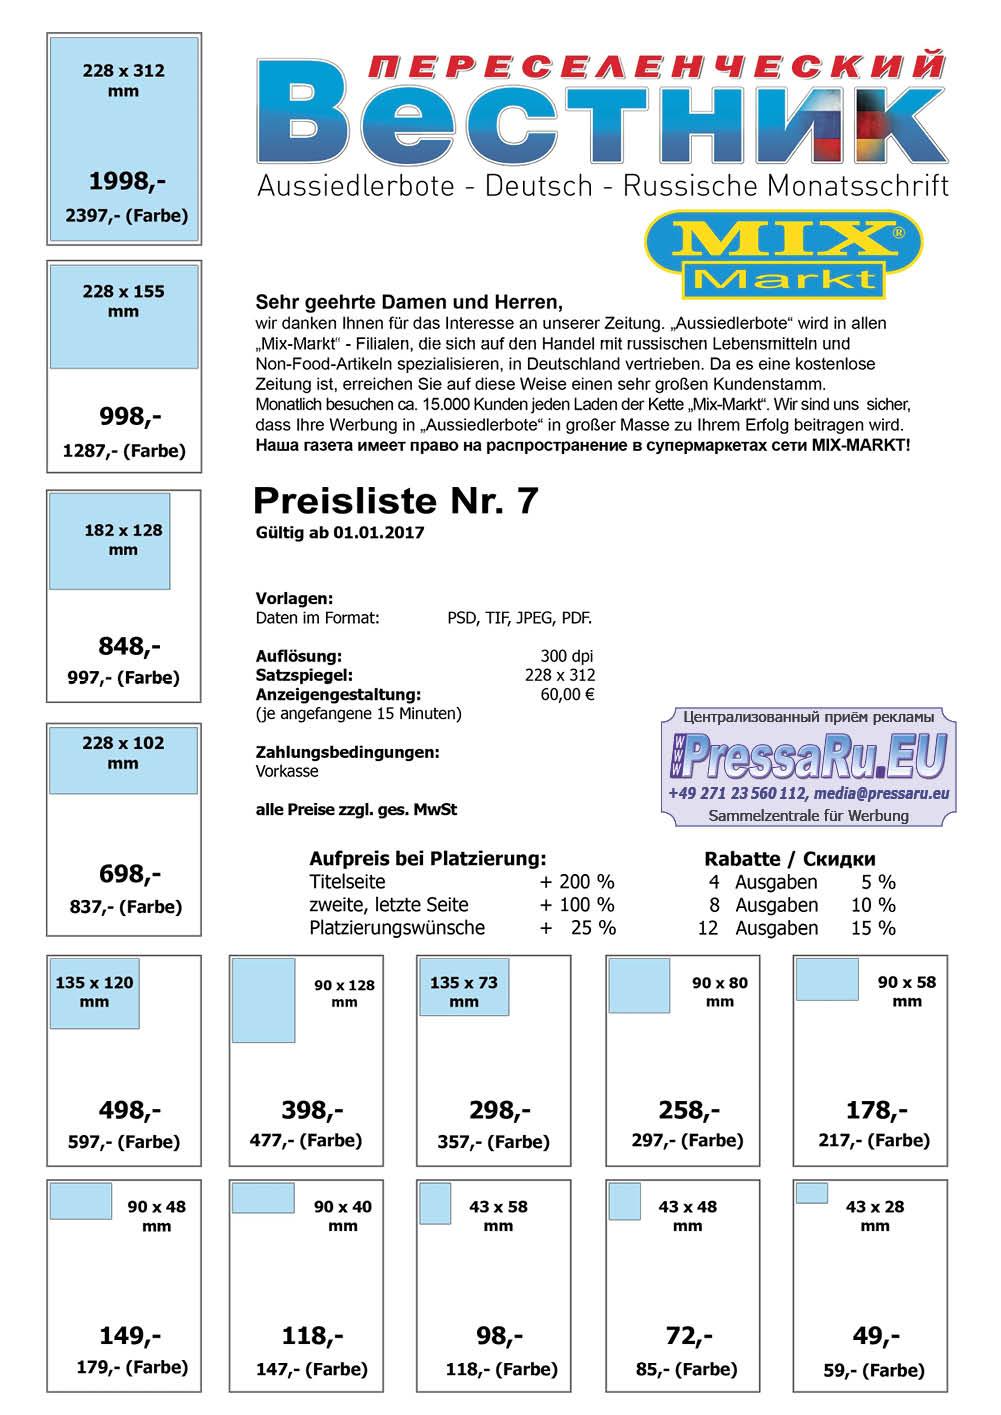 Реклама в Переселенческий вестник (газета), цены